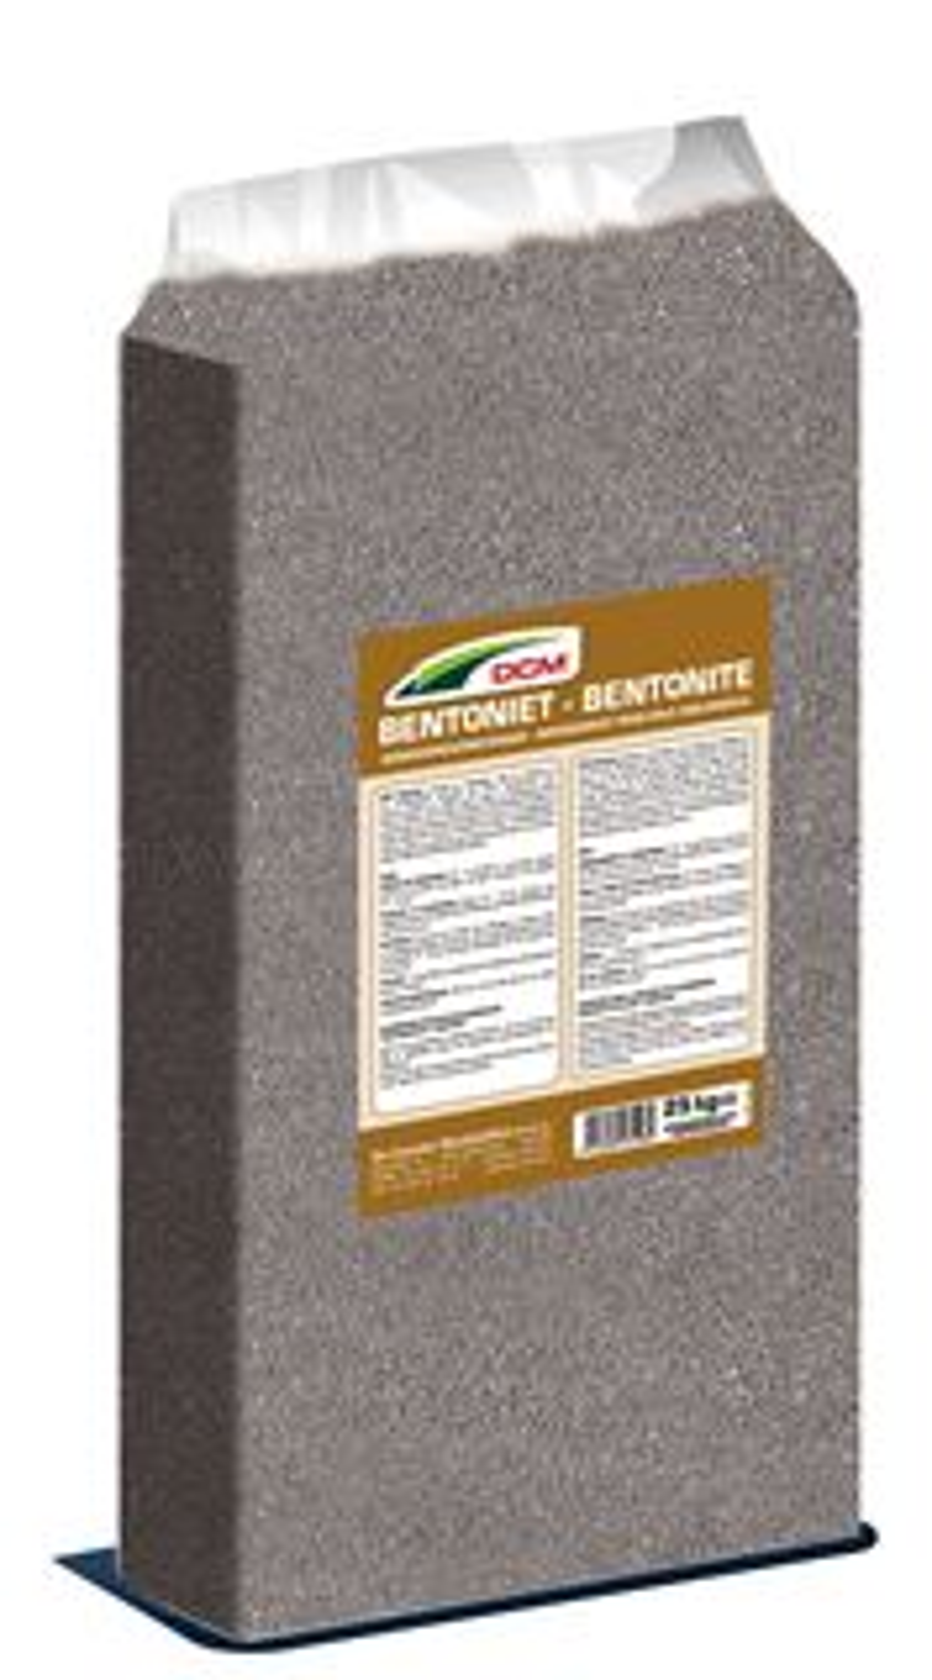 Bentoniet-zandgrondverbeteraar-25kg-Bio